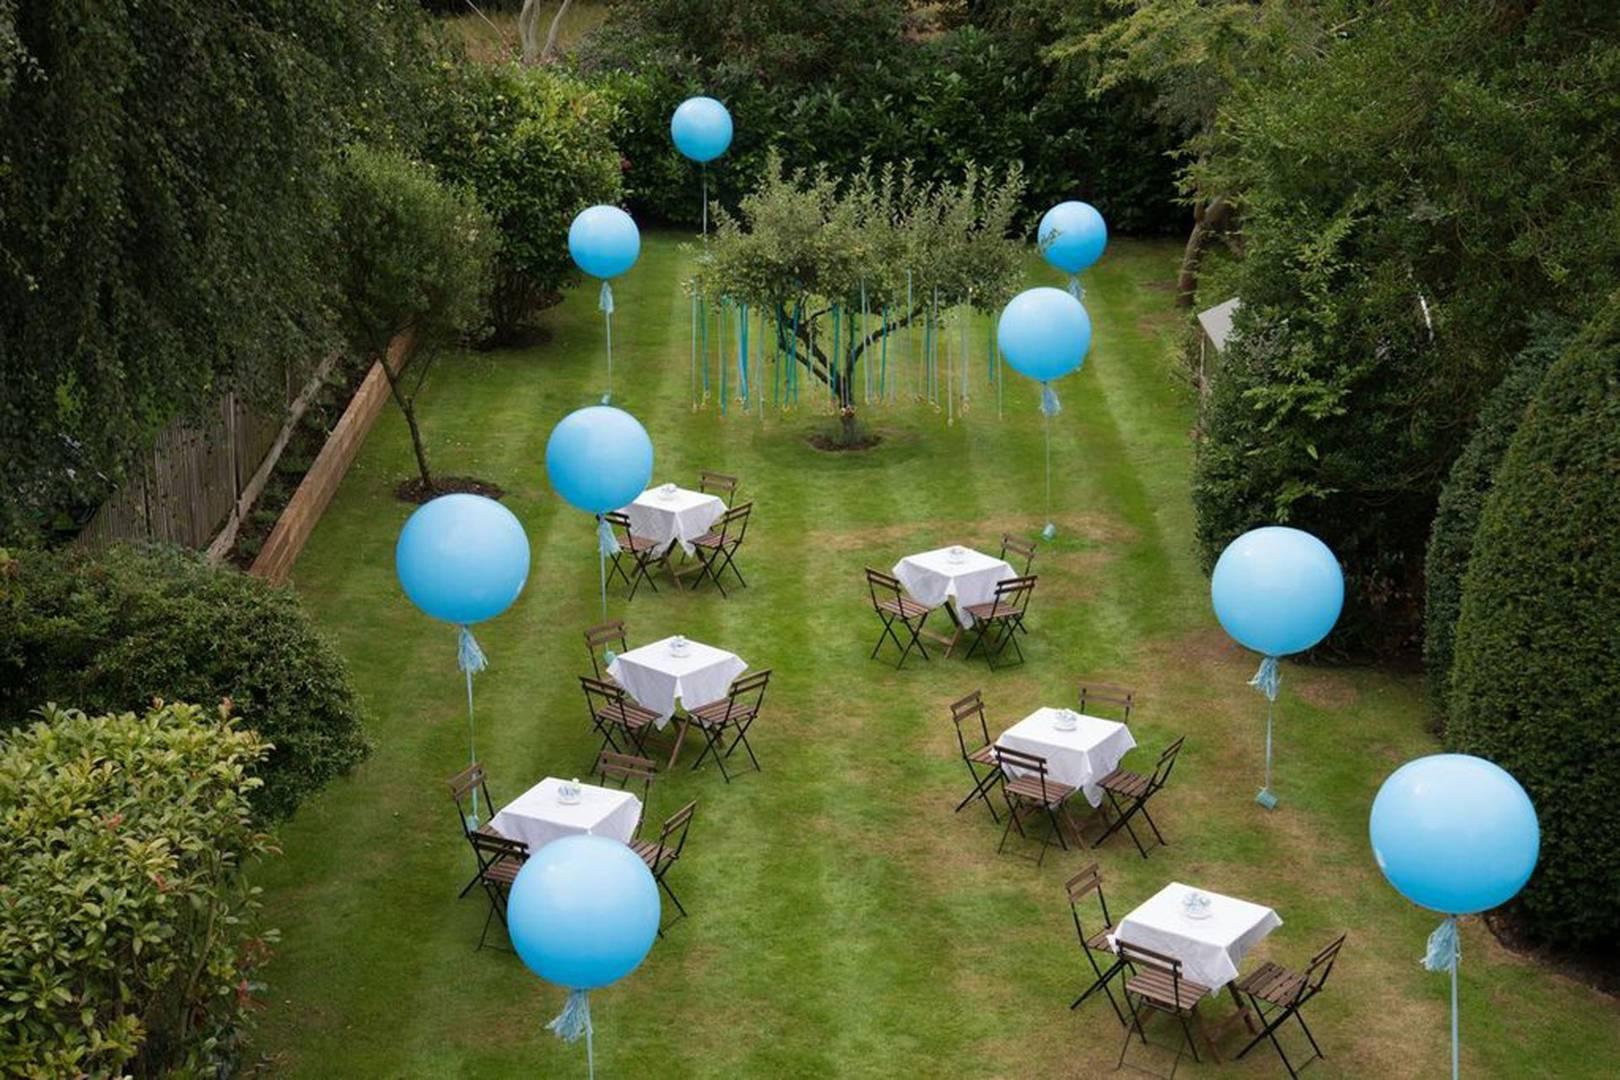 Summer Garden Party Ideas & Games | House & Garden